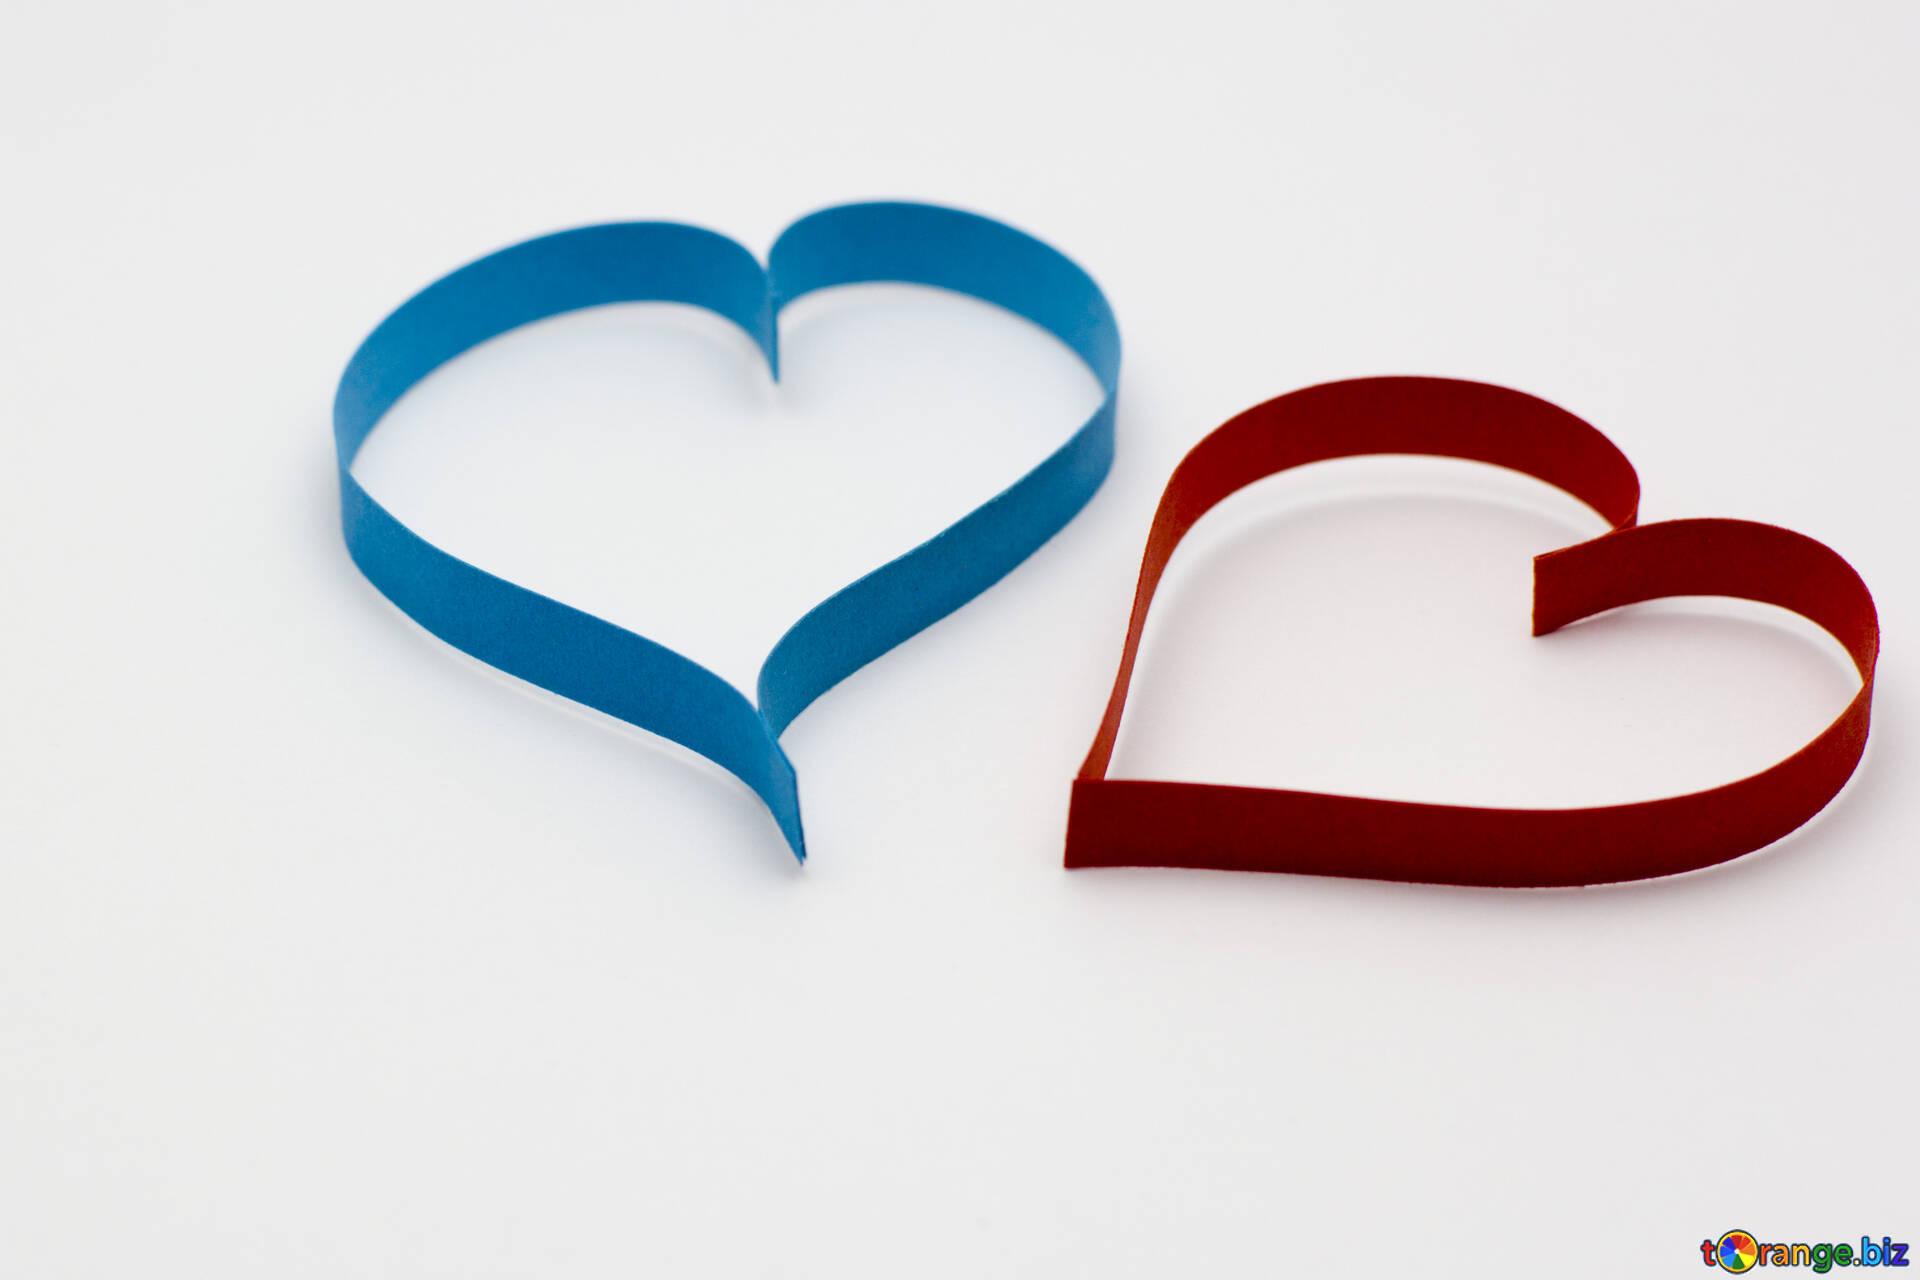 Paper Heart Different Heart Heart 16760